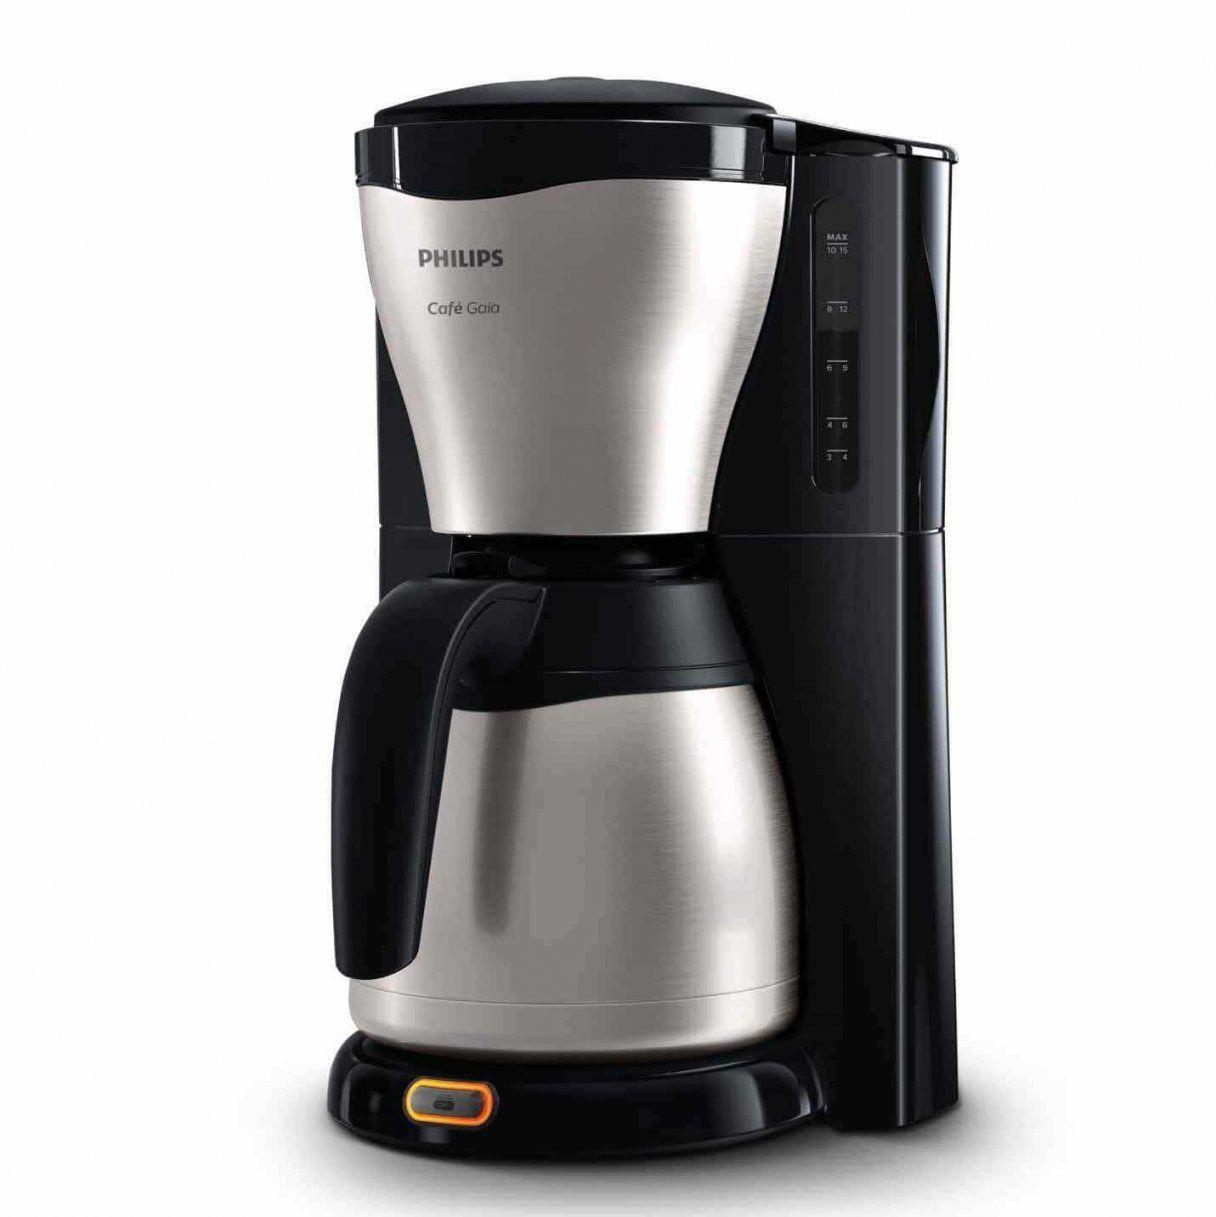 Krups Kaffeemaschine Mit Mahlwerk 13 Der Moccamaster Im Test Beste von Beste Filterkaffeemaschine Der Welt Photo